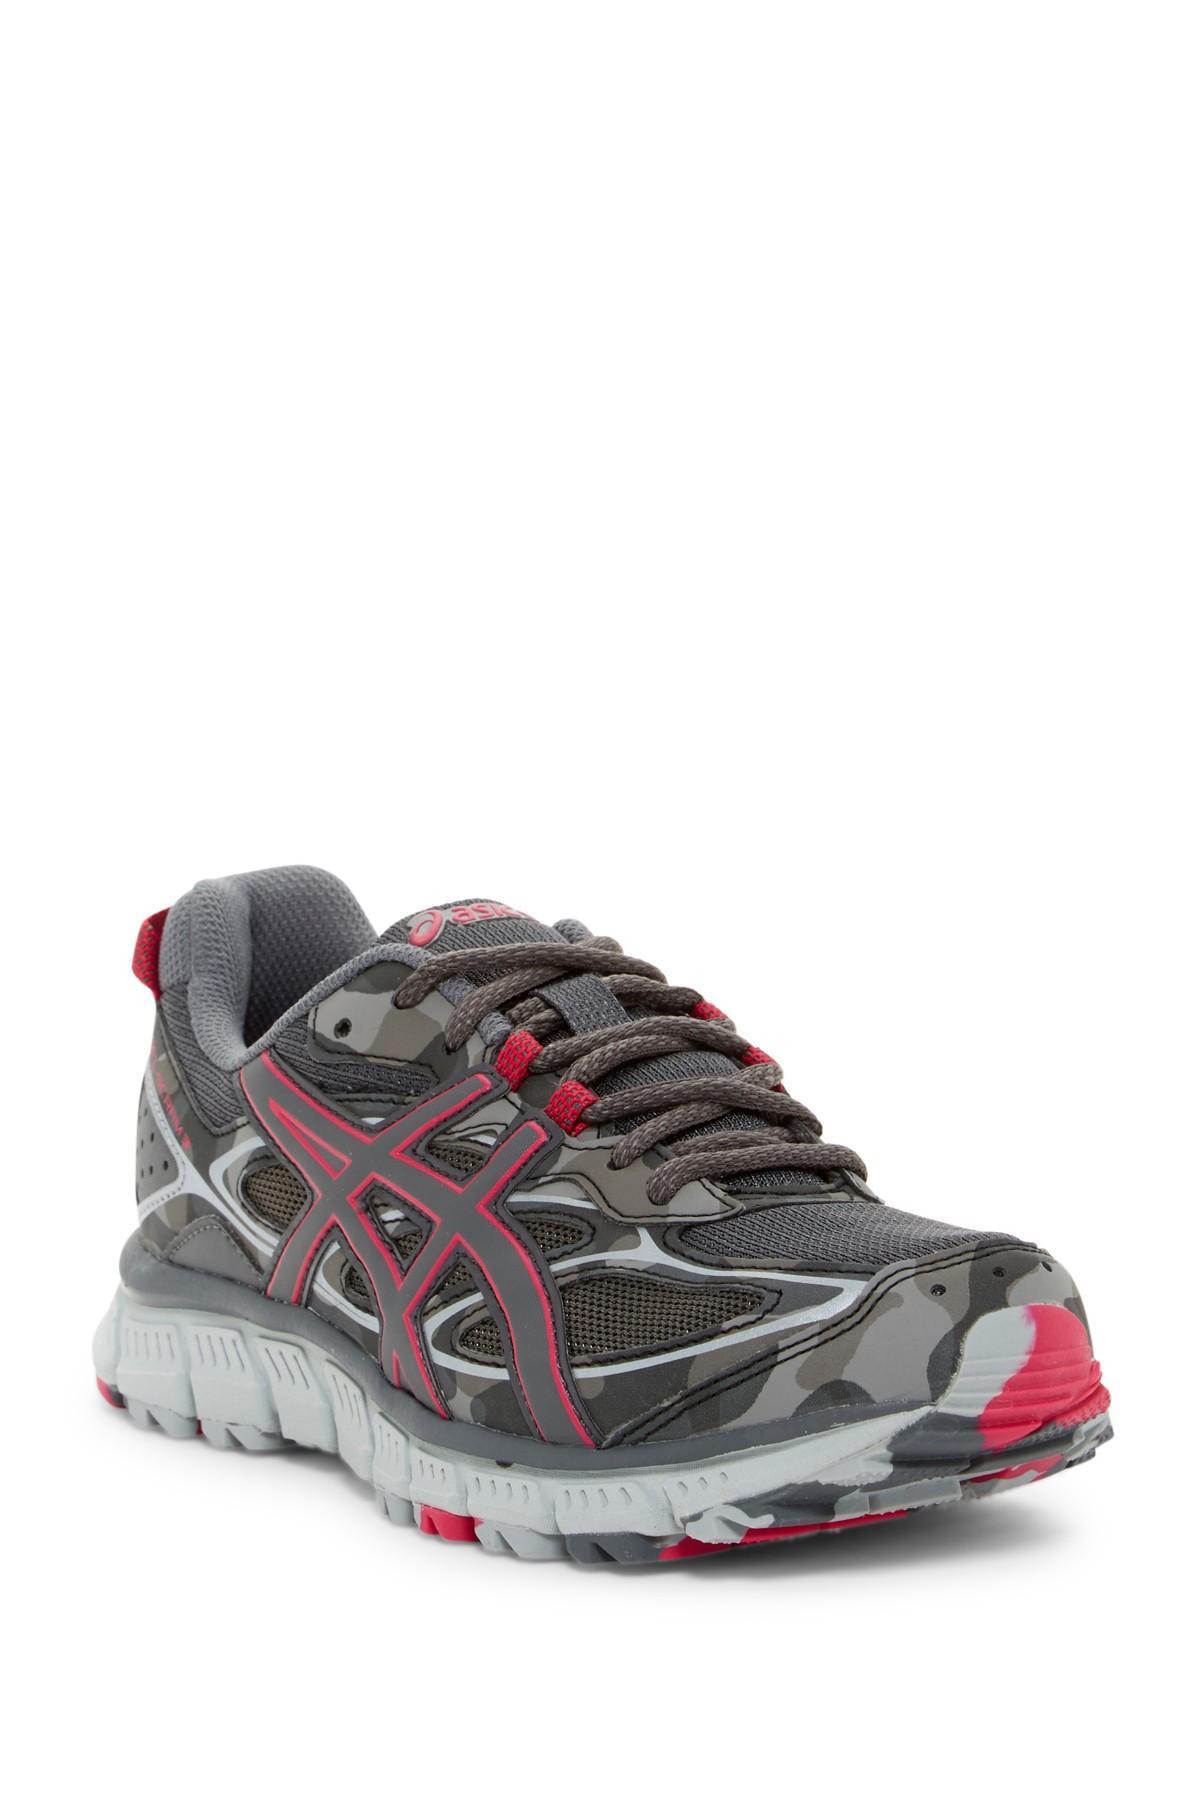 Asics Women S Shoes Gel Scram Sneakers